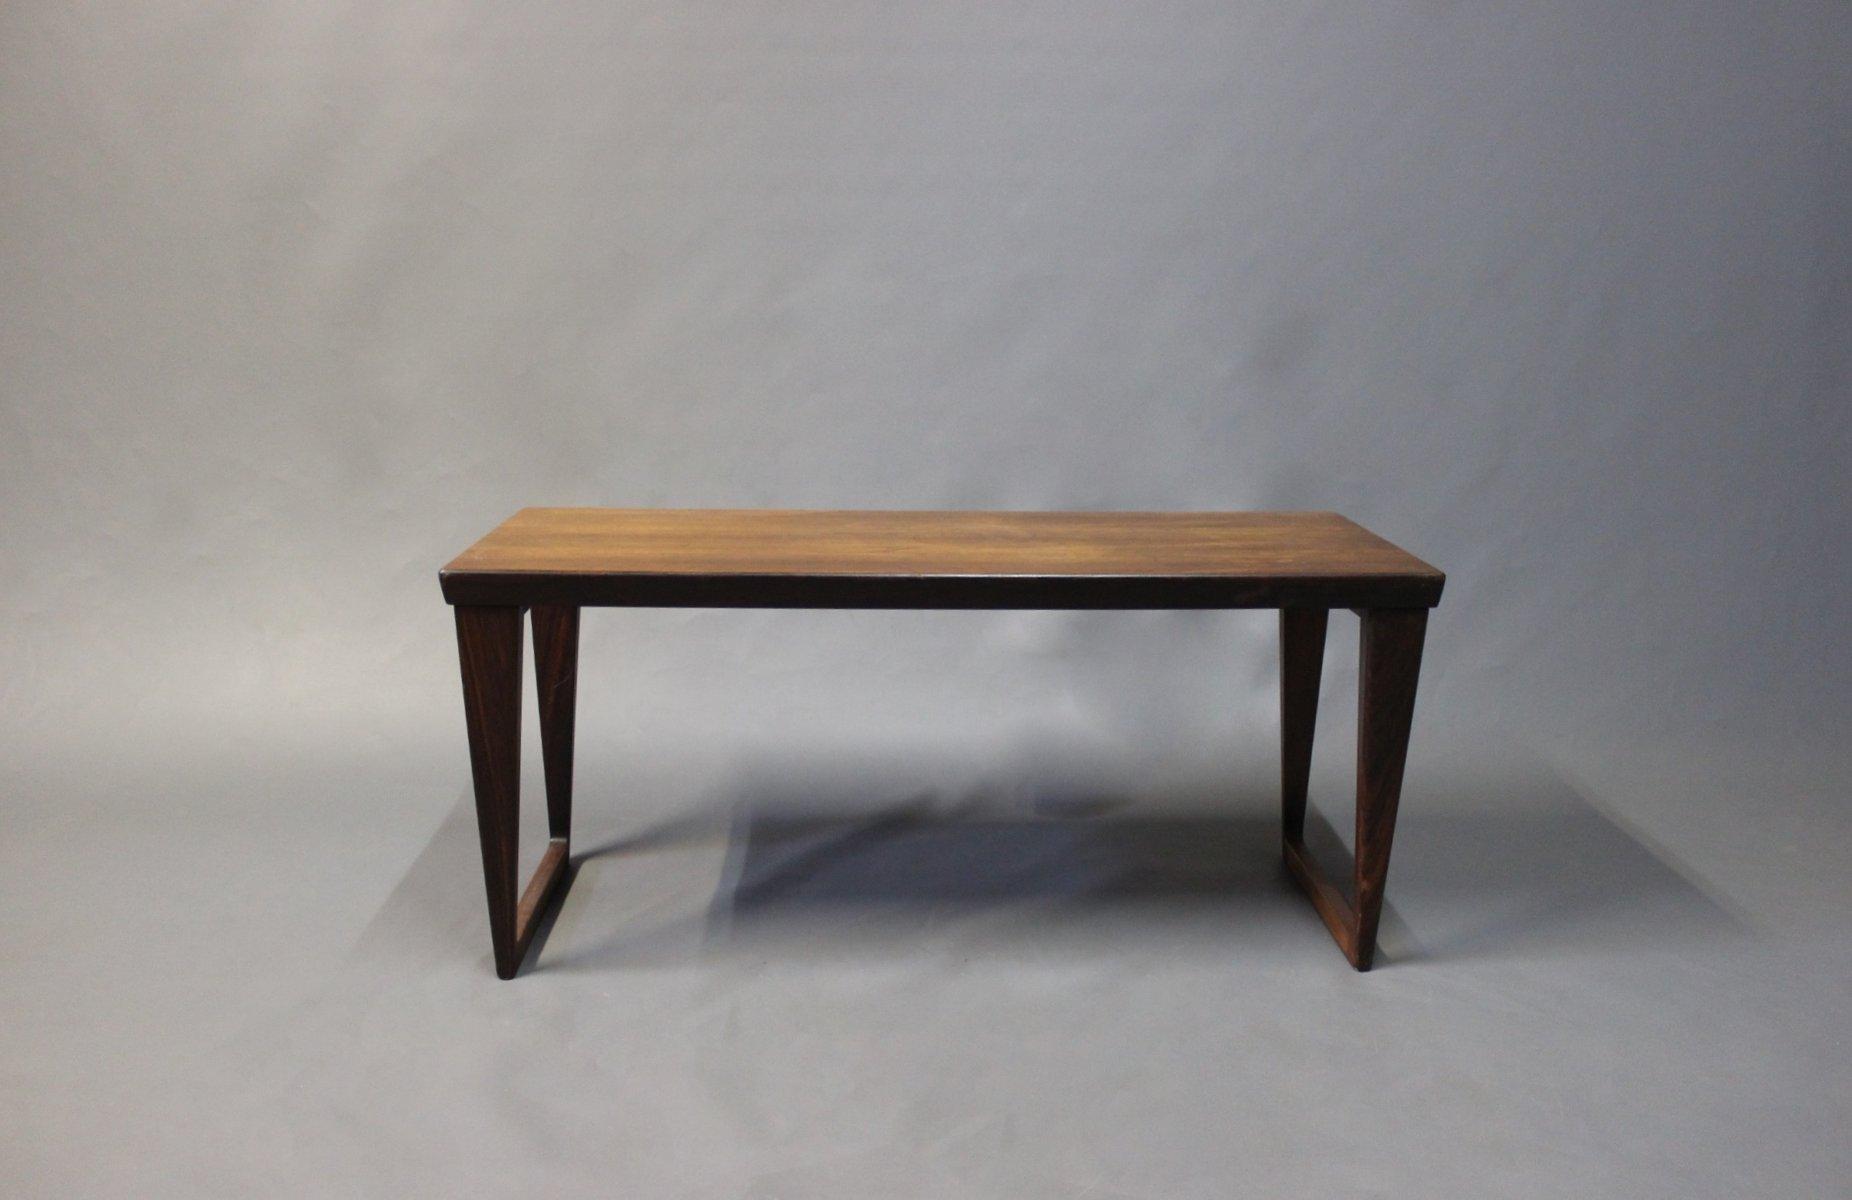 d nischer kleiner palisander couchtisch 1960er bei pamono. Black Bedroom Furniture Sets. Home Design Ideas